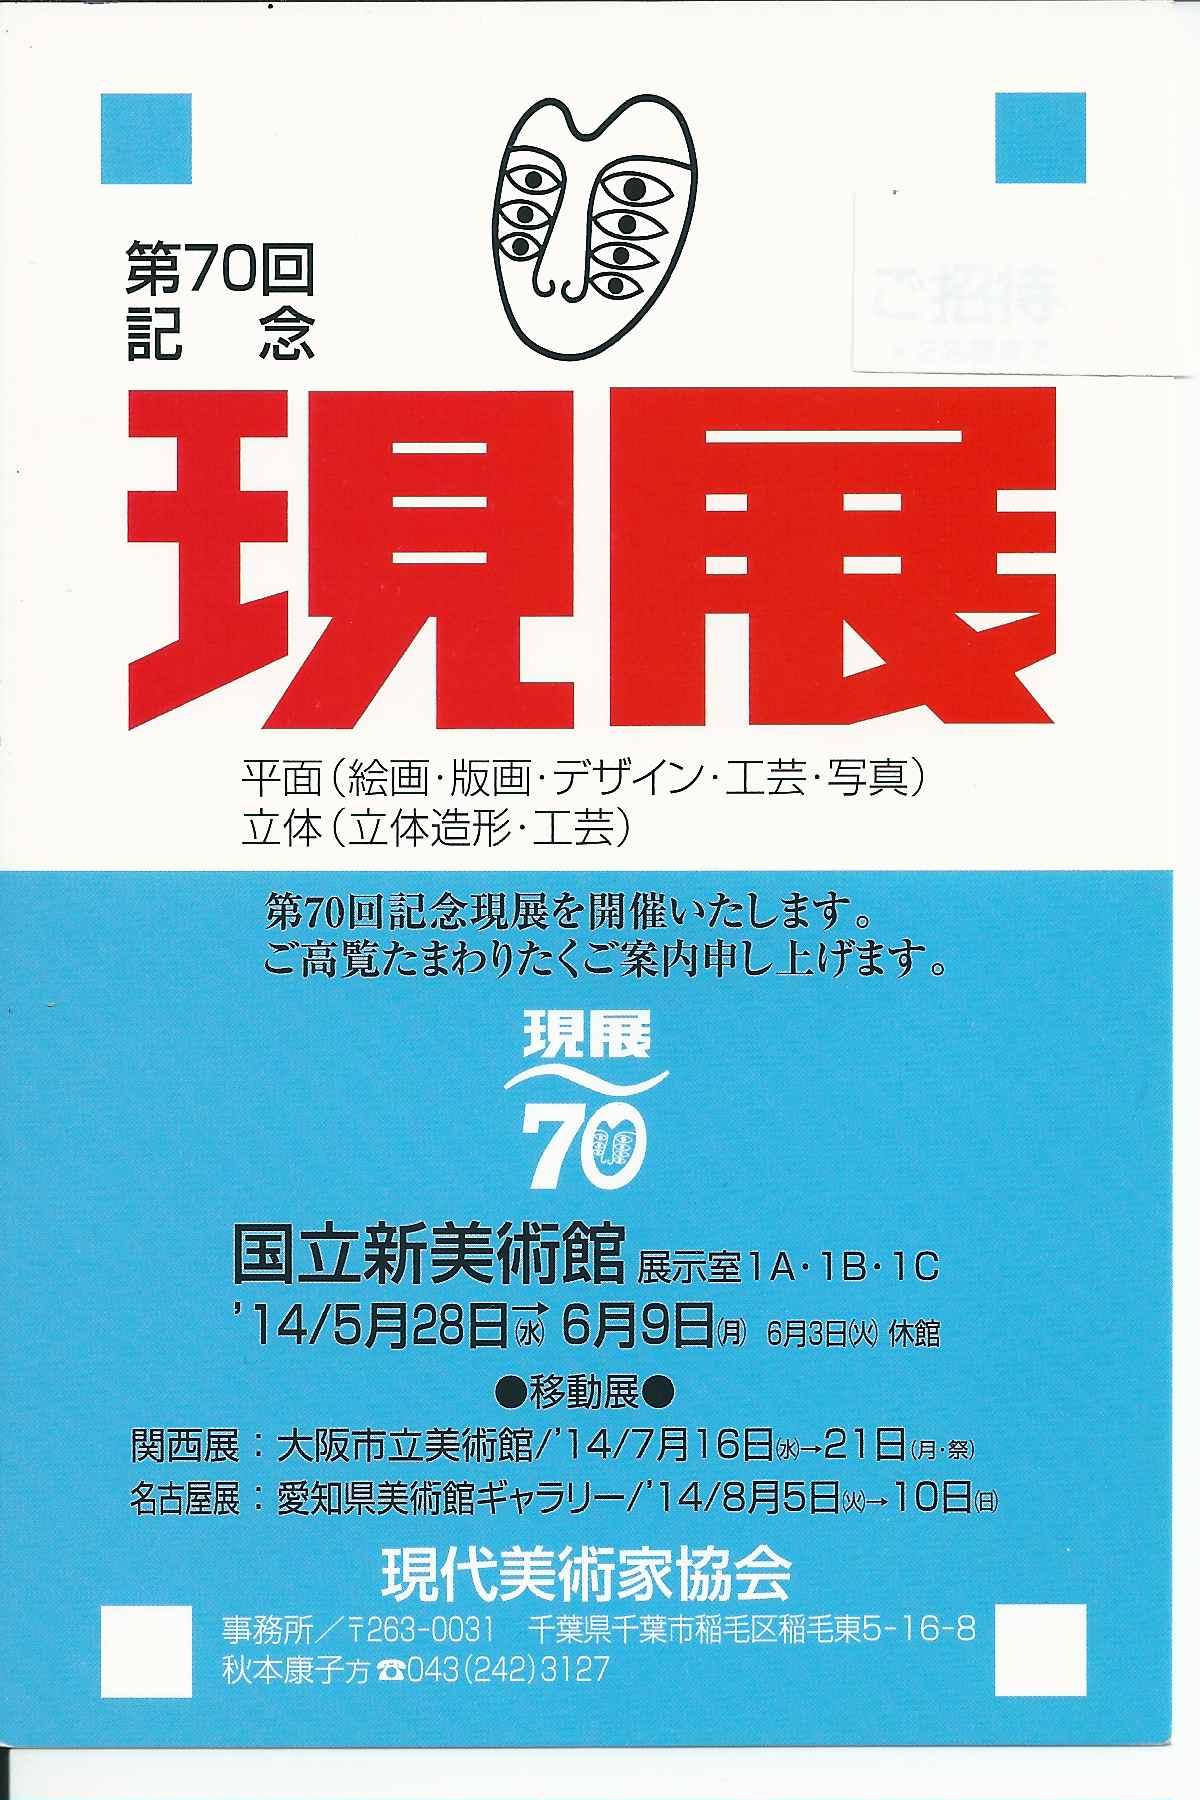 第70回記念現展 東京本展始まります。_d0253466_19335806.jpg